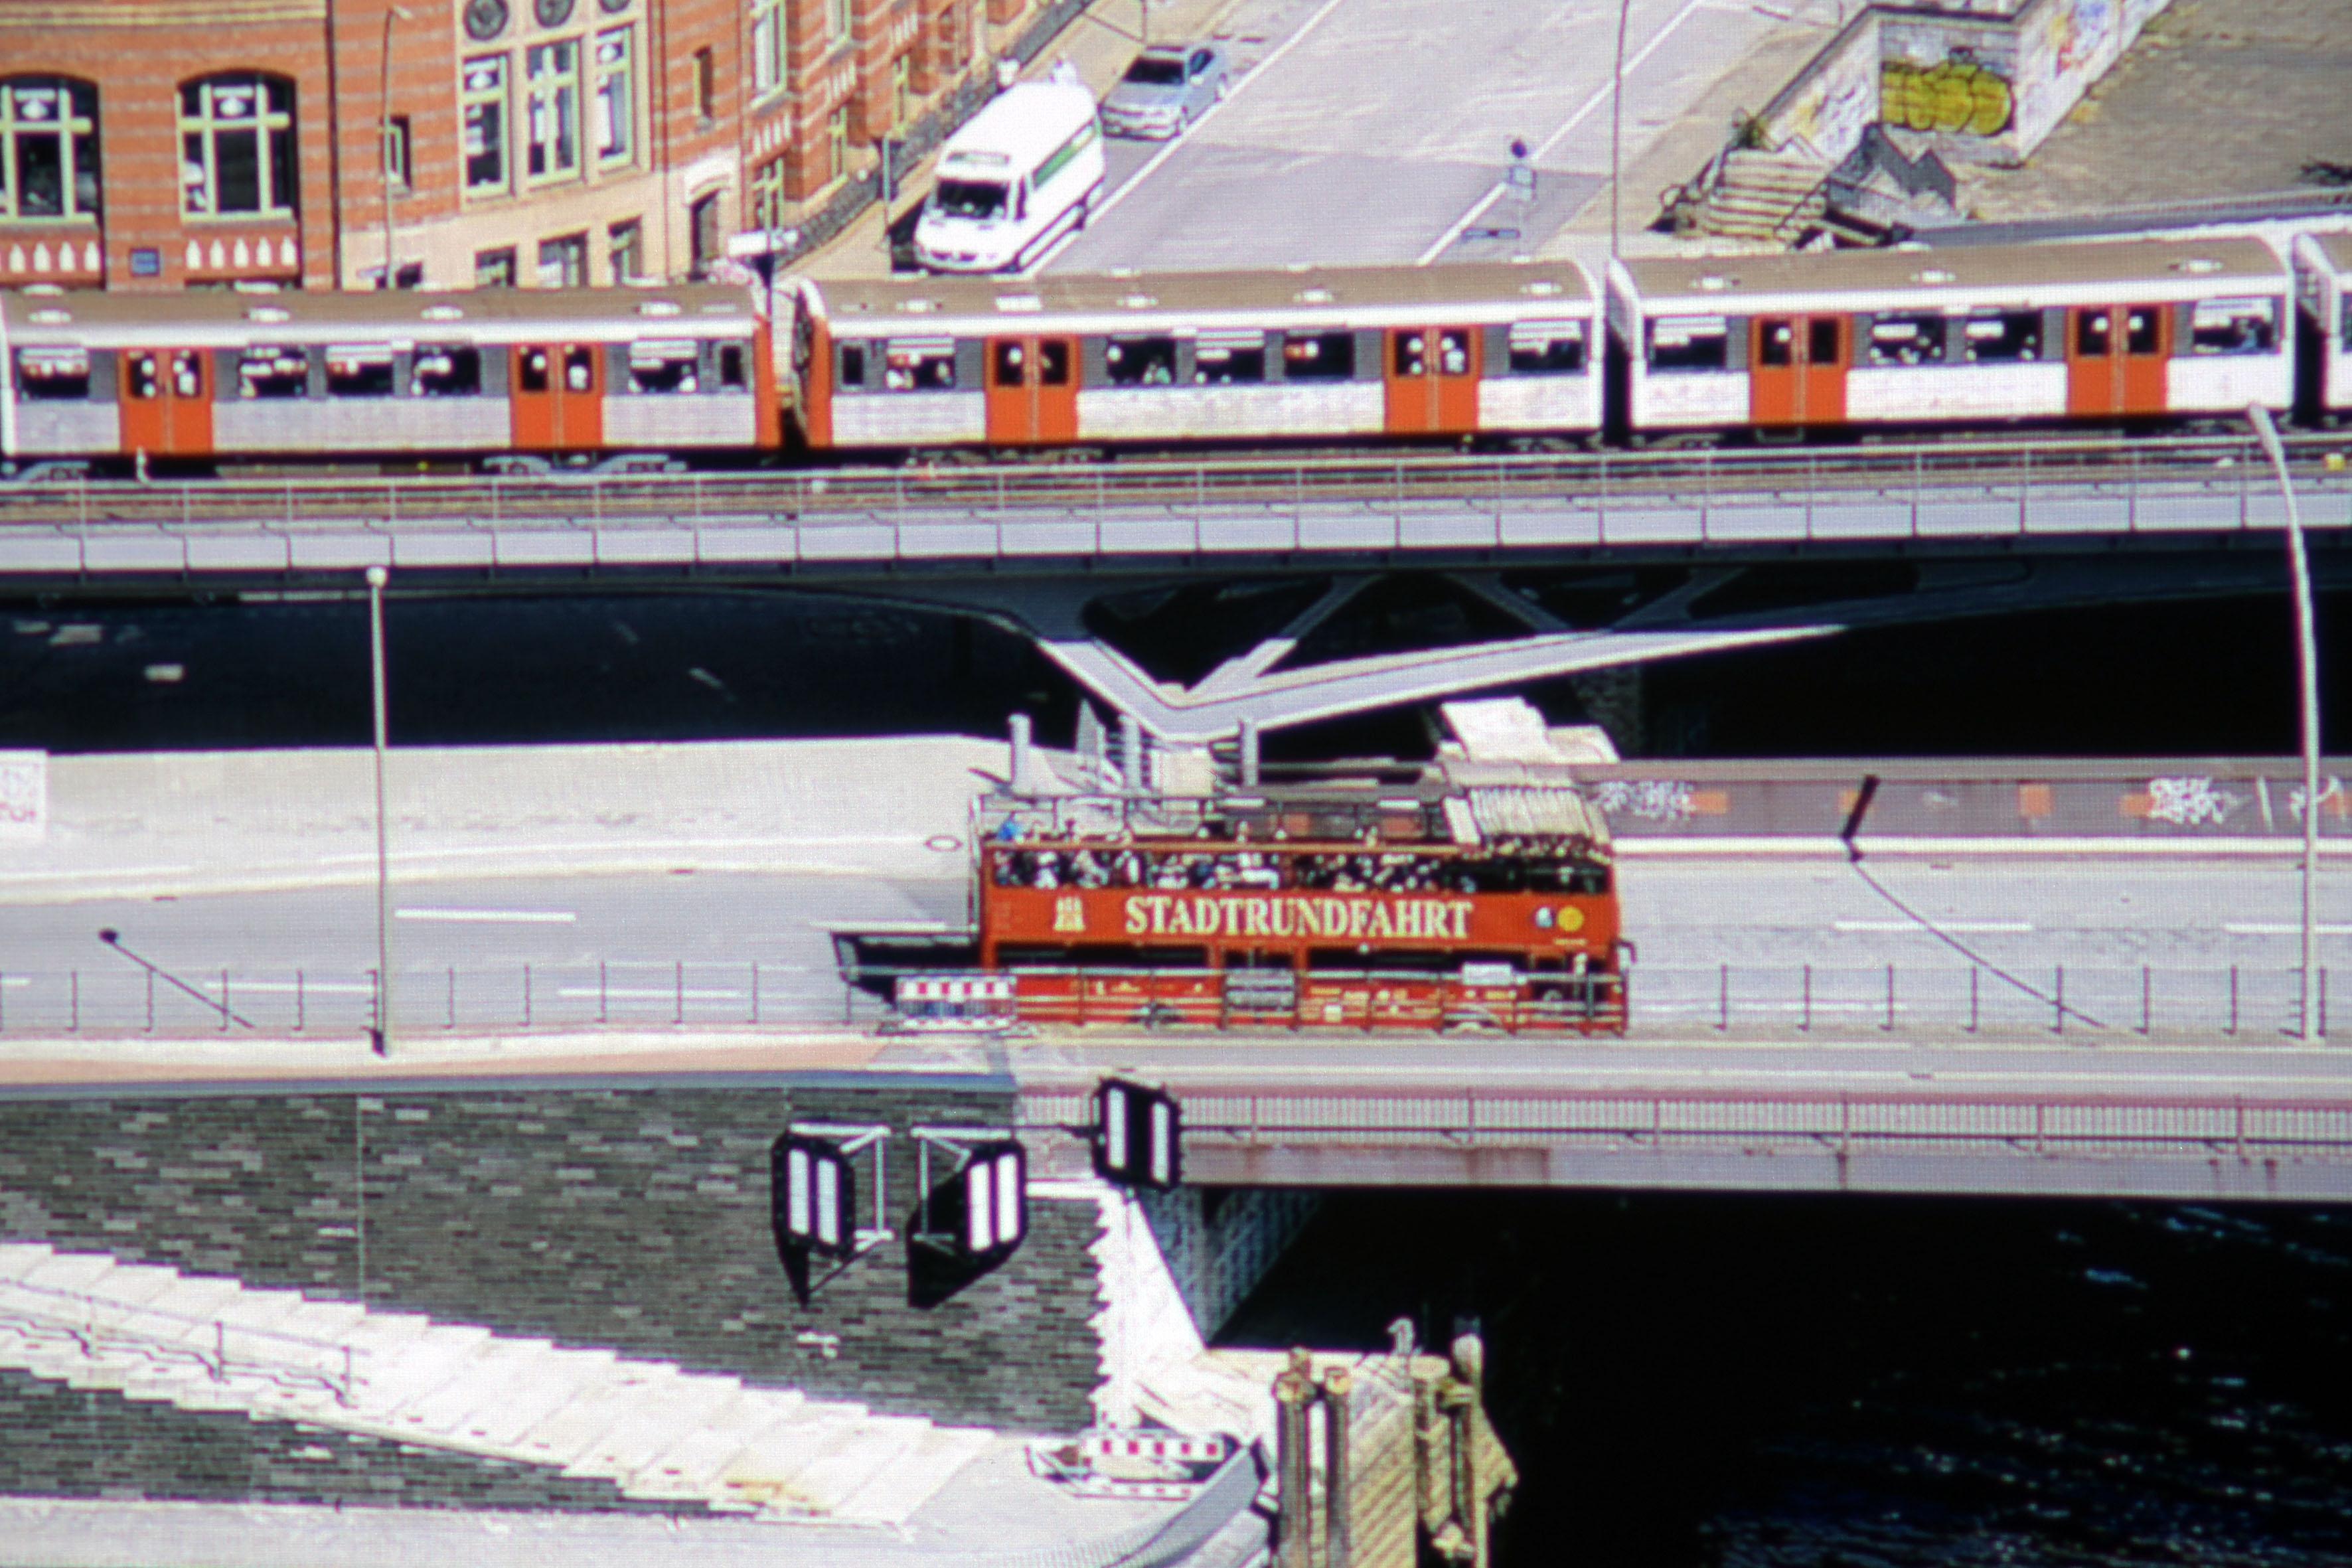 """Foto: Michael B. Rehders (Originalaufnahme) Der kleine 5 % große Ausschnitt des Screenshots deckt auf, dass der Acer H6810 den Schriftzug """"STADTRUNDFAHRT"""" und links daneben das Hamburger Wappen auf dem roten Doppeldecker vollständig darstellt. Der leichte beige Farbton wird vorzüglich reproduziert. Das Orange der U-Bahntüren sieht ebenfalls gut aus, erreicht aber nicht die Farbpräzision des Originals. Der graue Asphalt ist hingegen völlig farbneutral. Die Durchzeichnung gelingt dem Acer ebenfalls sehr gut. Unter der Brücke ist sogar das blaue Wasser zu erkennen."""